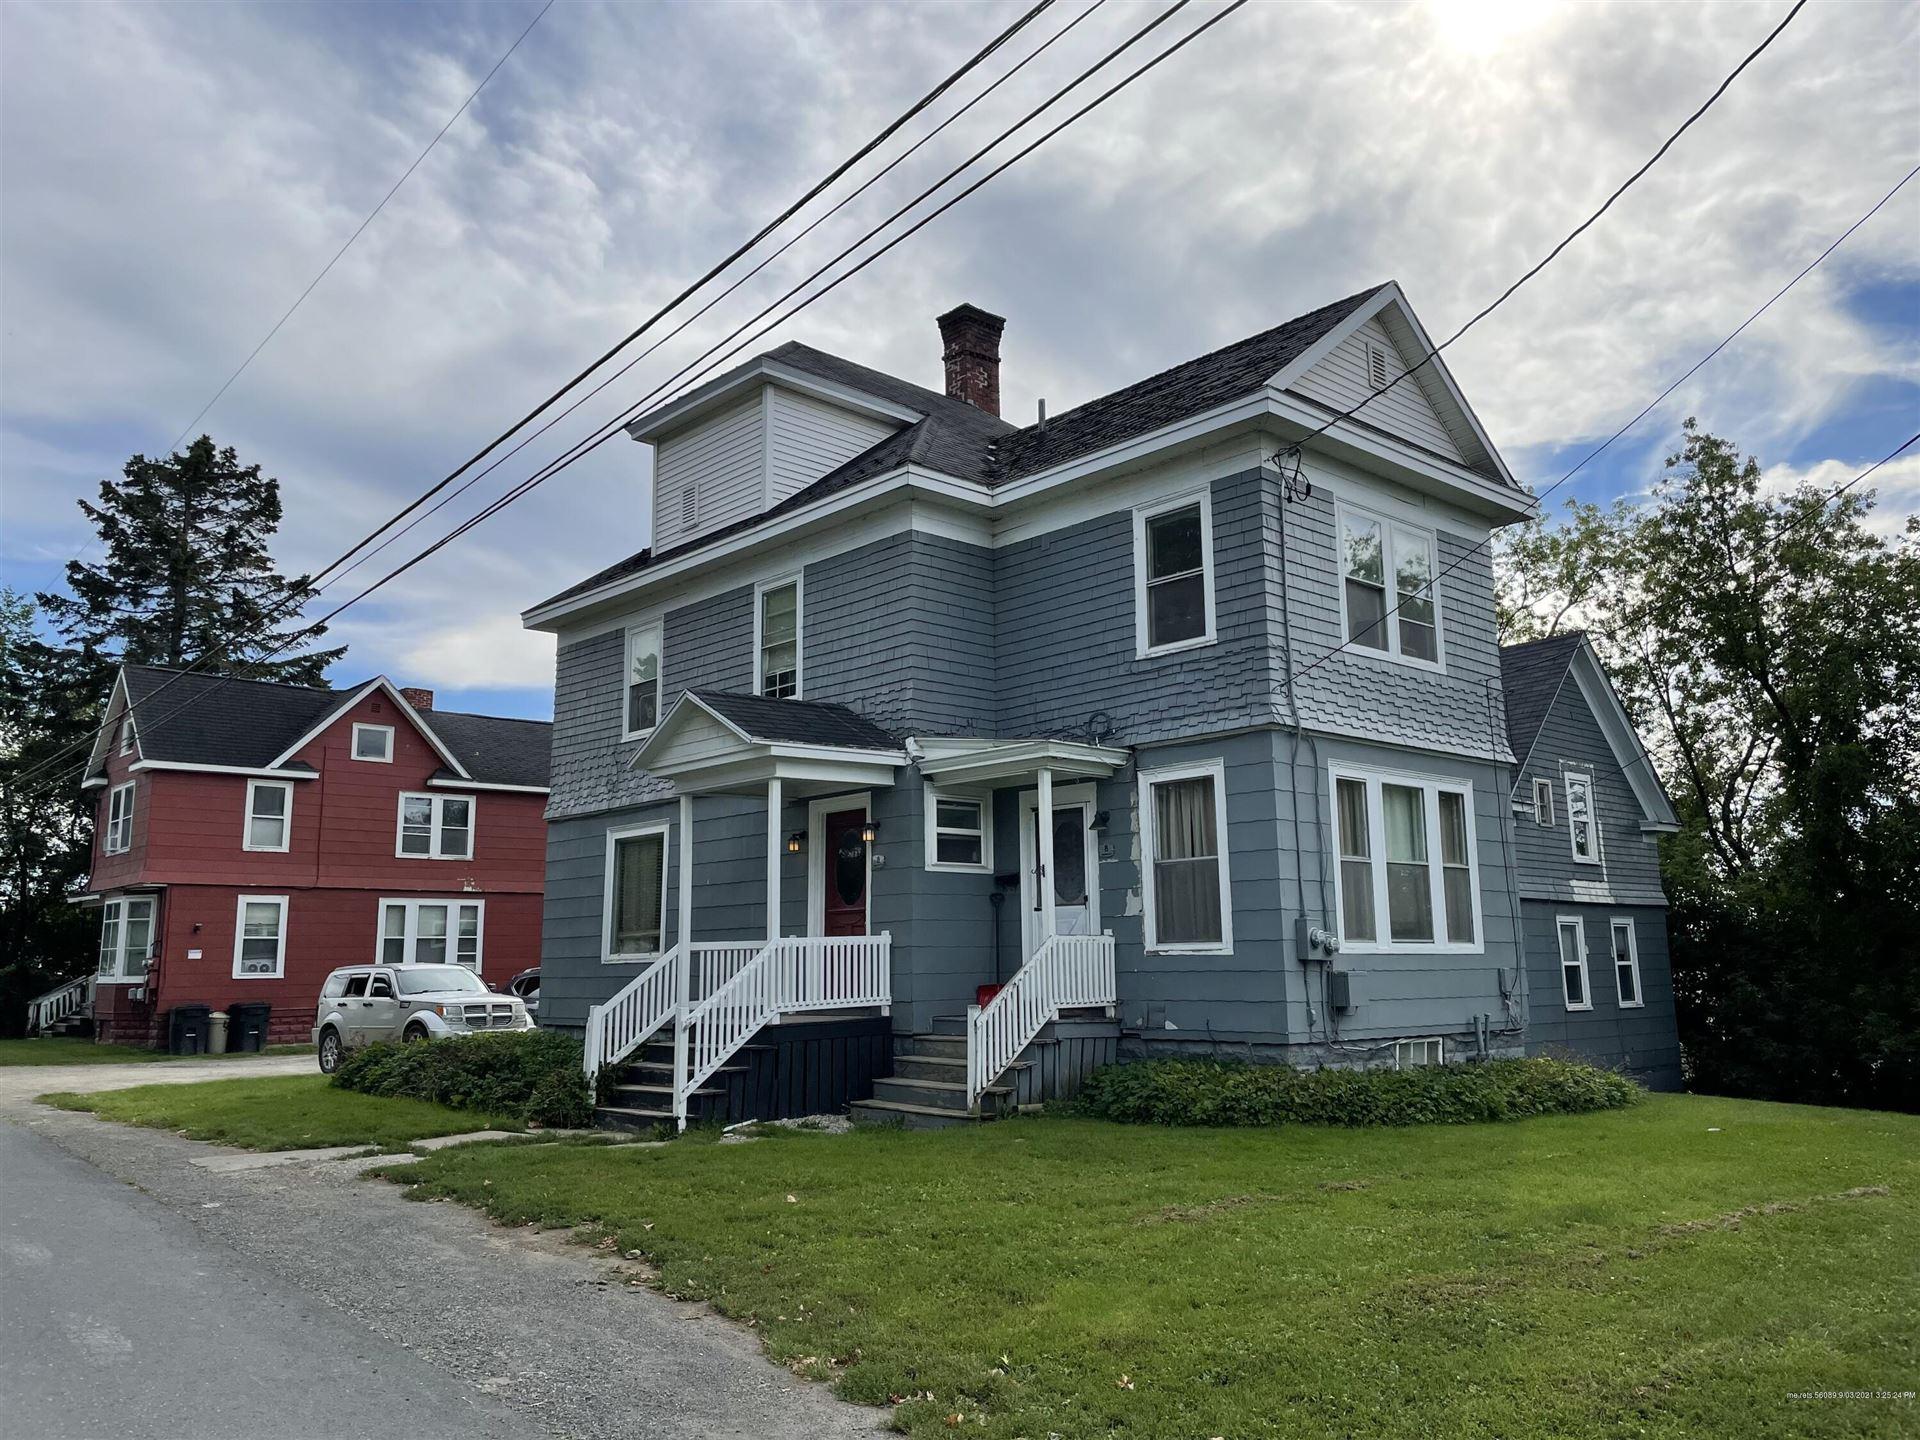 Photo of 8 & 12 Epworth Street, Presque Isle, ME 04769 (MLS # 1507683)